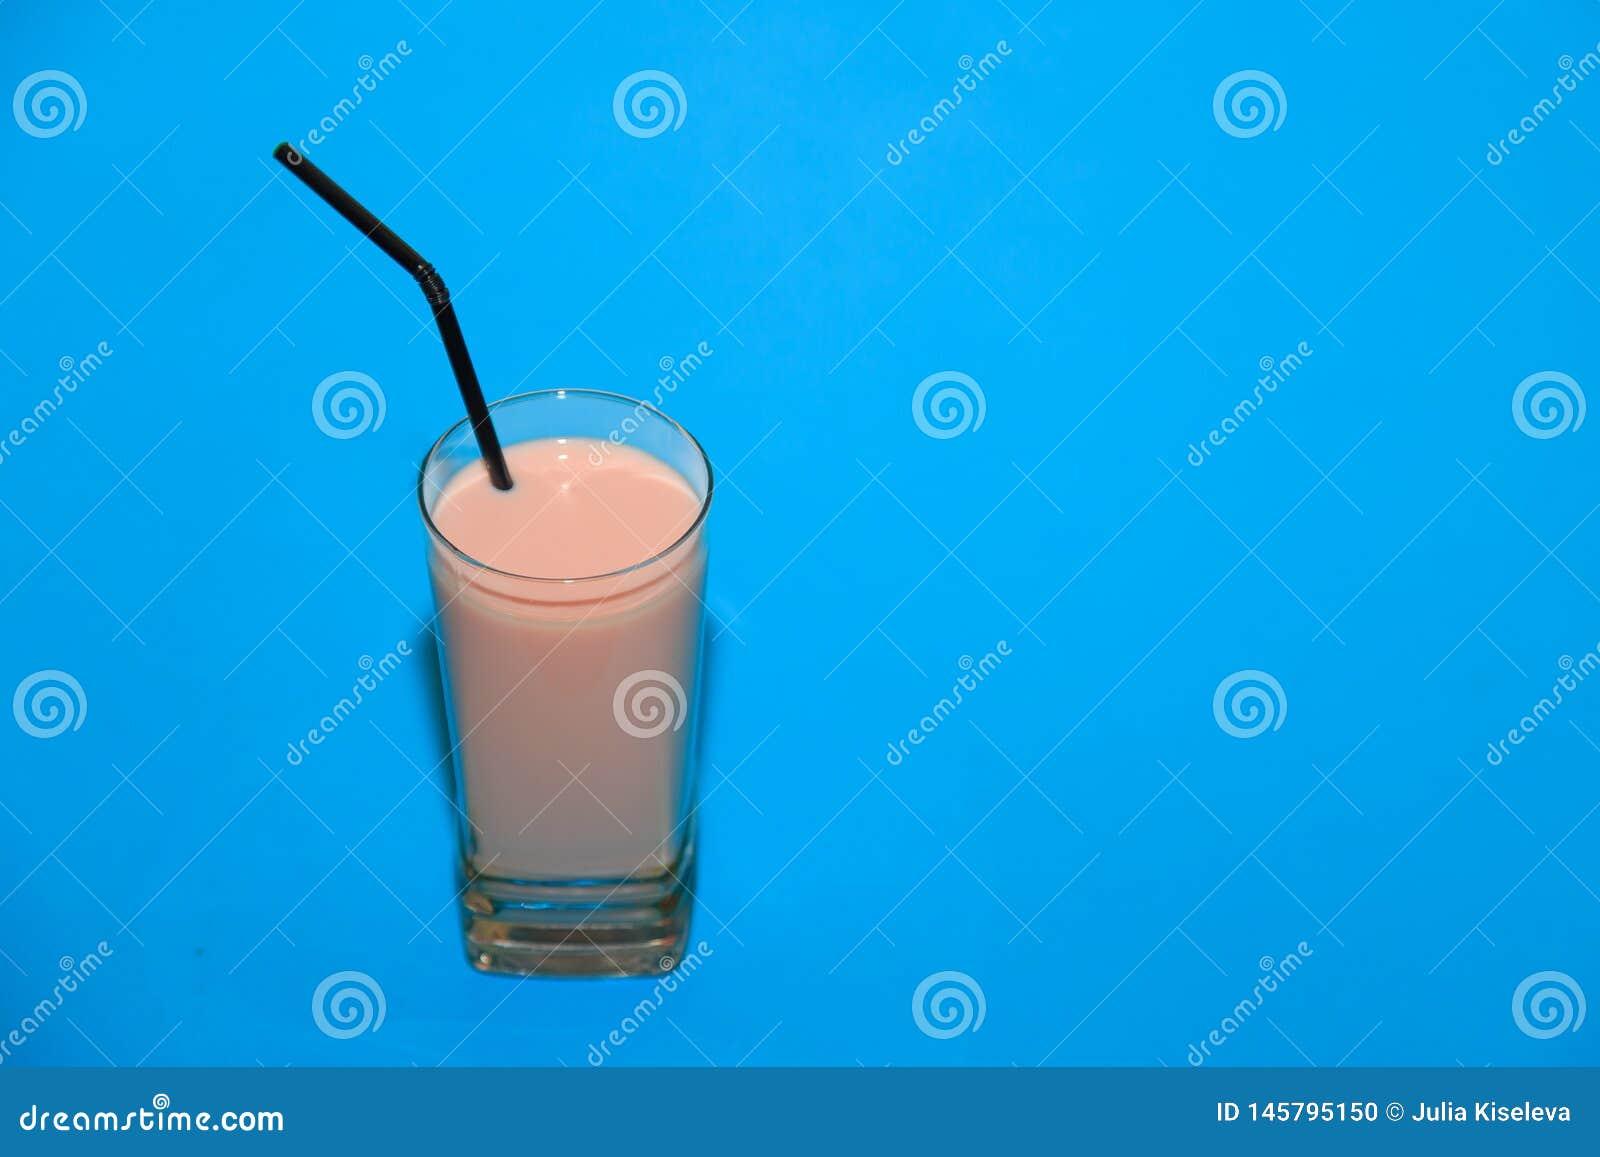 Jordgubbemilkshake p? en bl? bakgrund